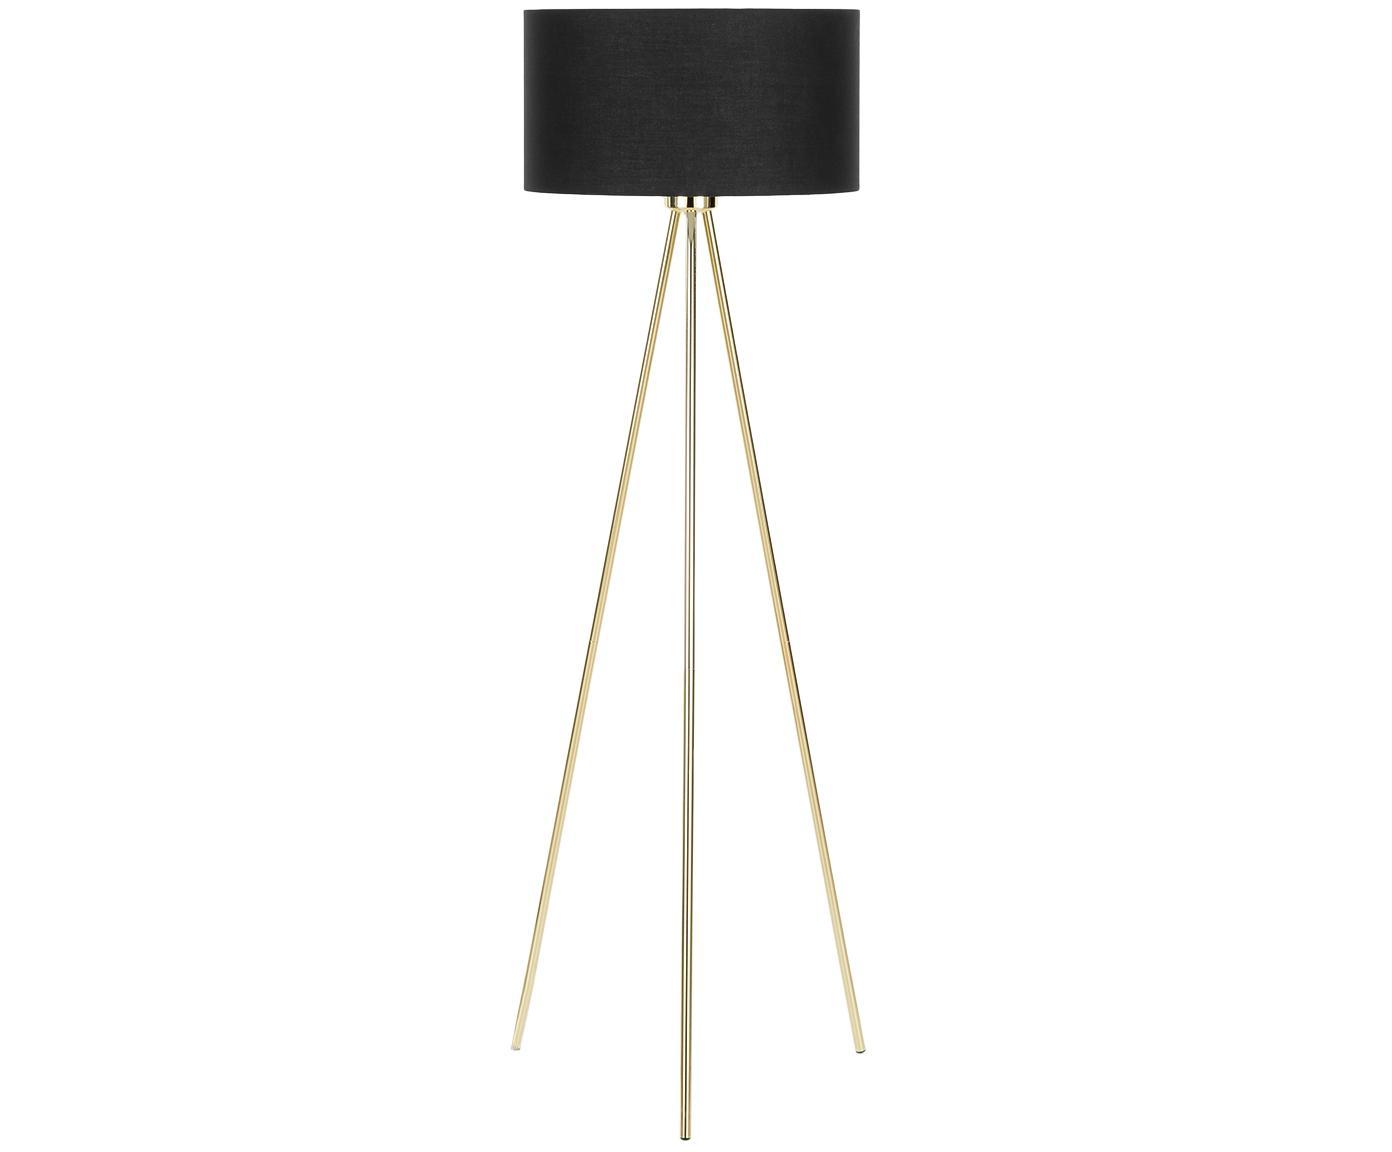 Lámpara de pie Cella, Pantalla: algodón, Negro, dorado, Ø 45 x Al 148 cm